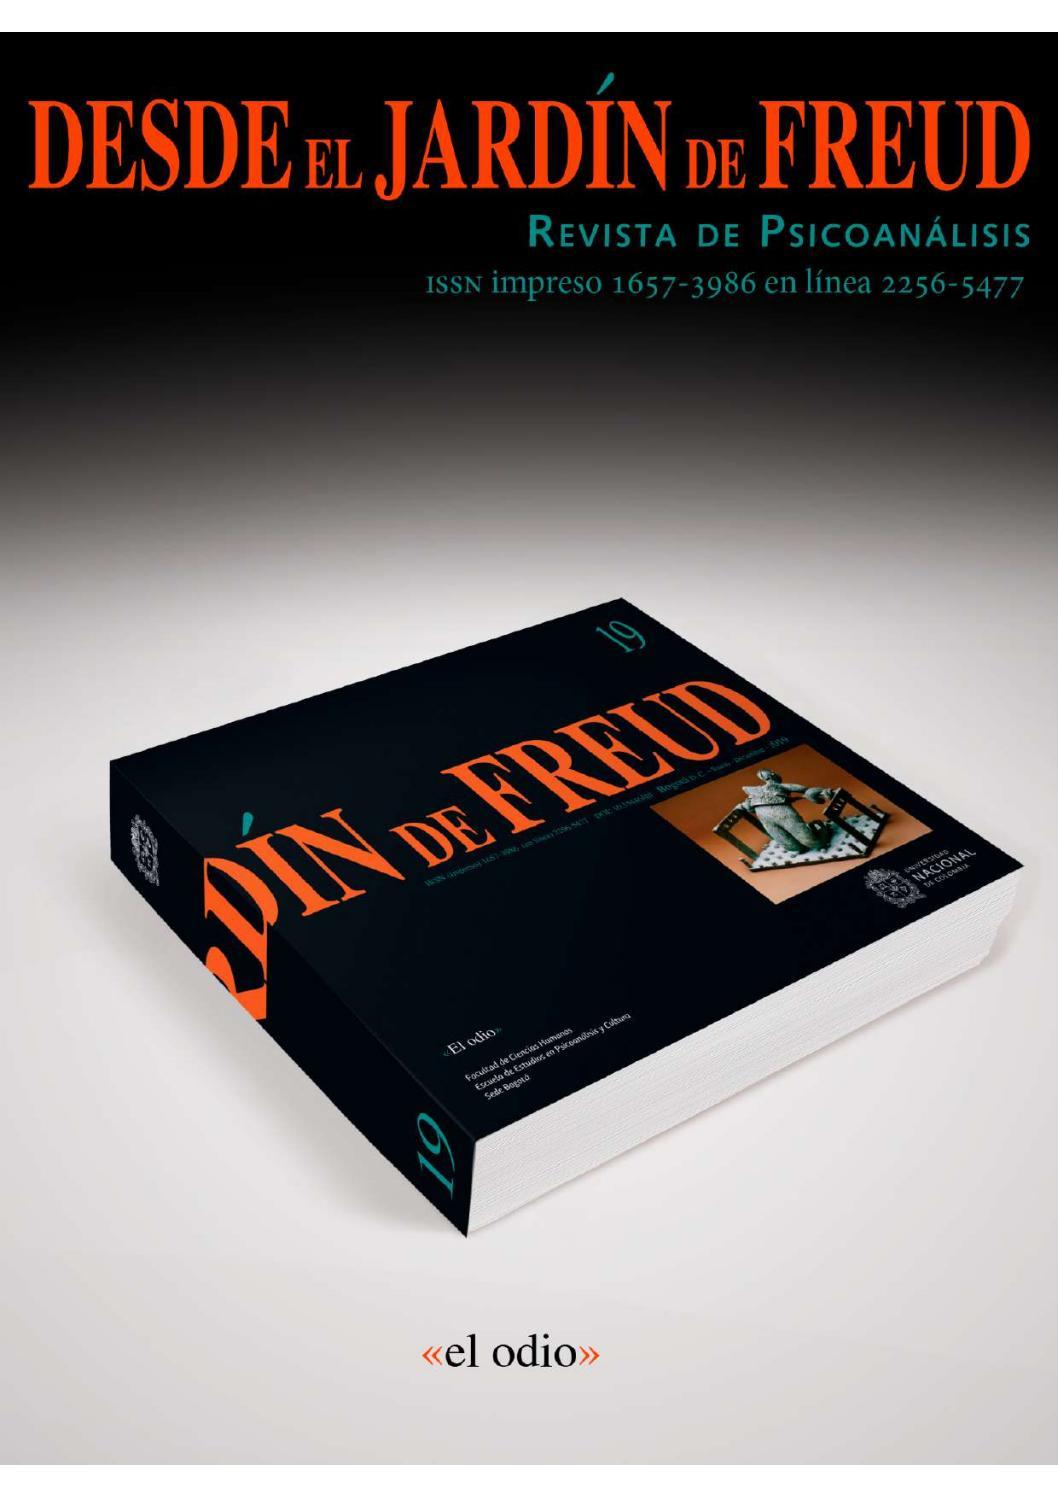 Desde El Jardín De Freud 19 Revista De Psicoanálisis By